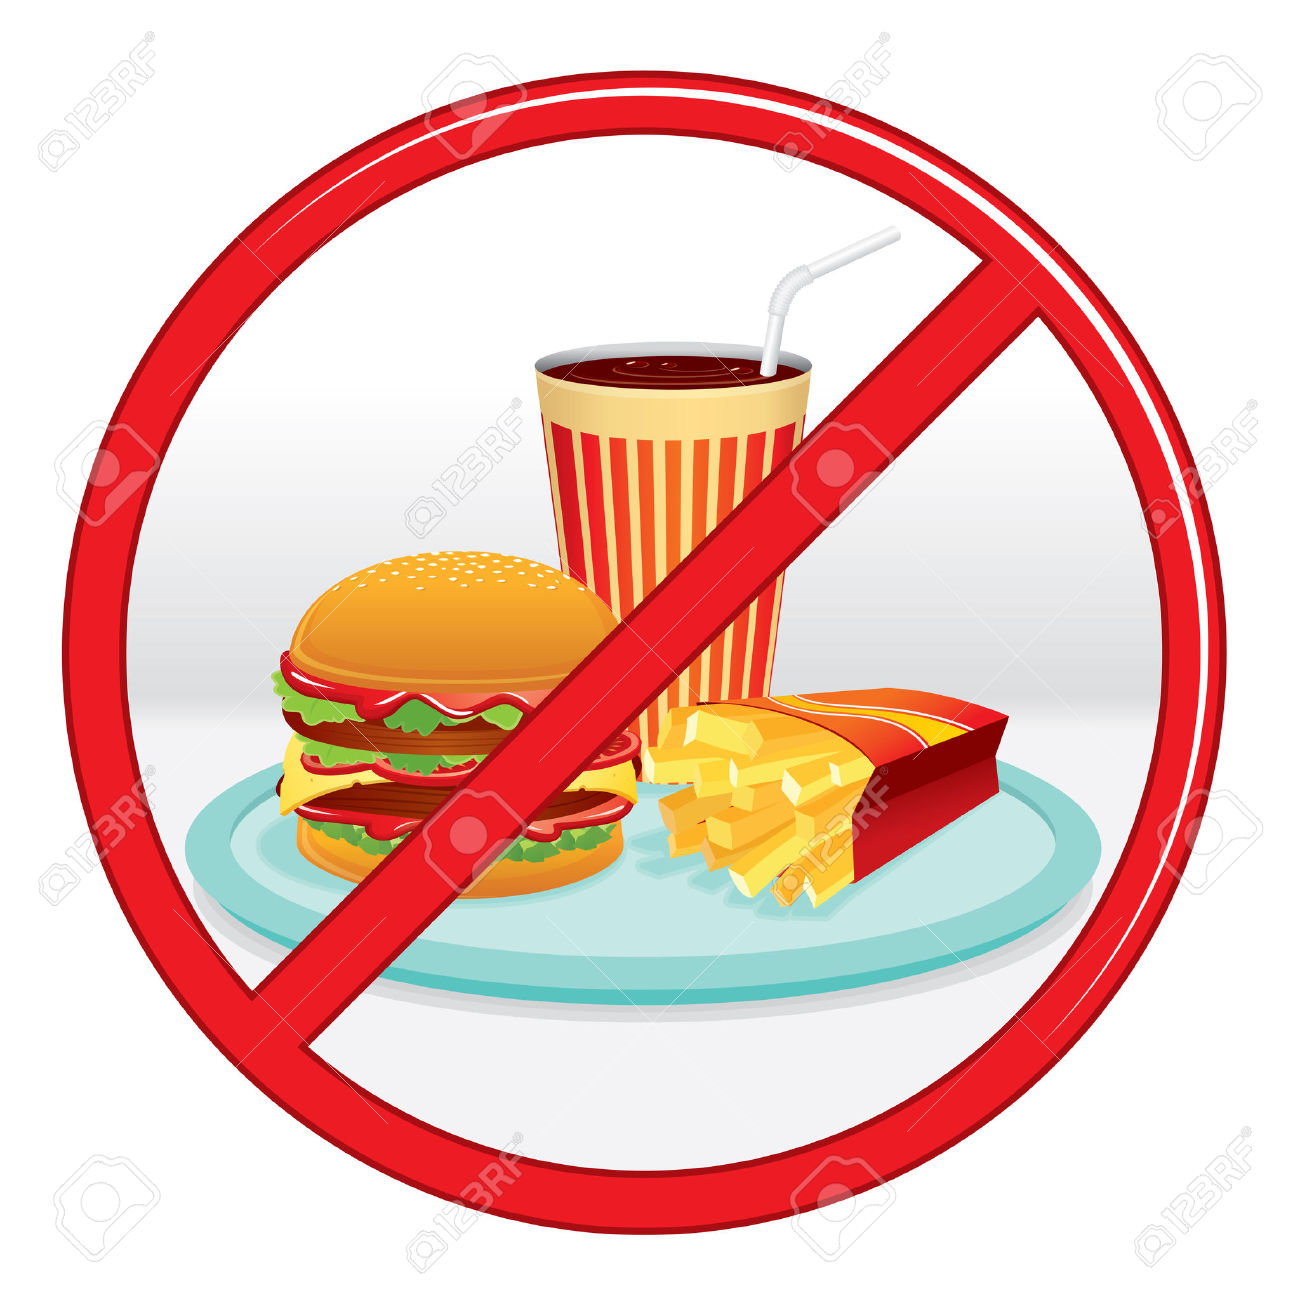 Ungesundes essen clipart image Kein Fast Food, Verbotszeichen. Vektor-Label. Lizenzfrei Nutzbare ... image